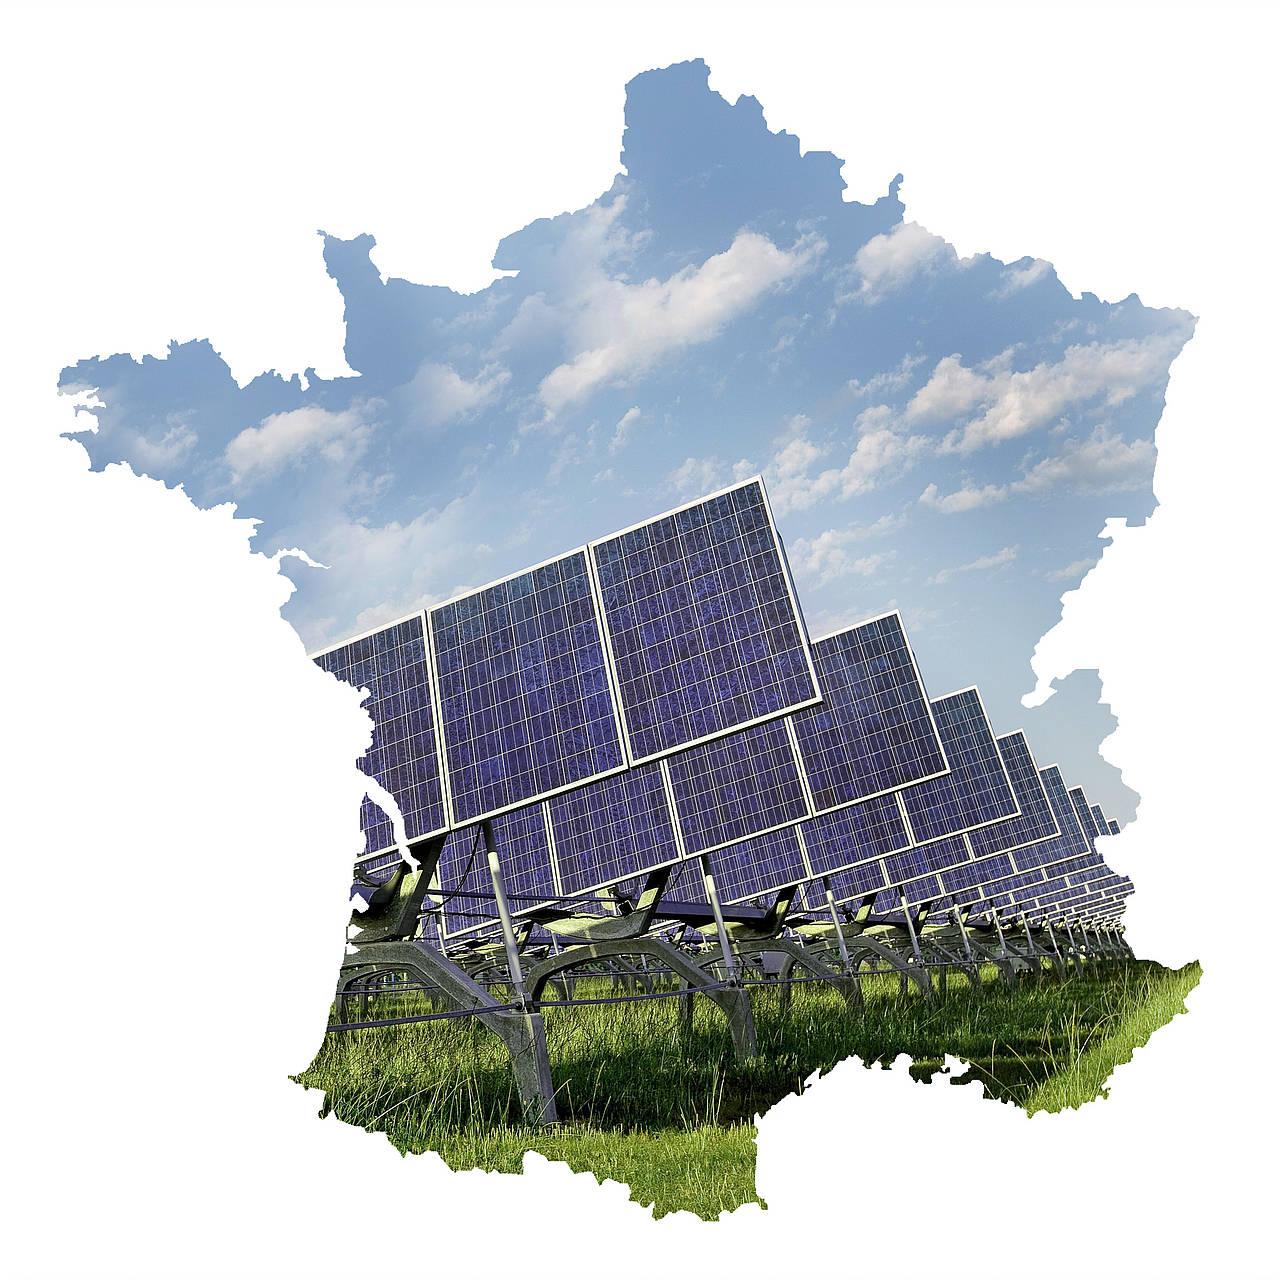 Énergie solaire : où en est la France et quel avenir pour la filière?